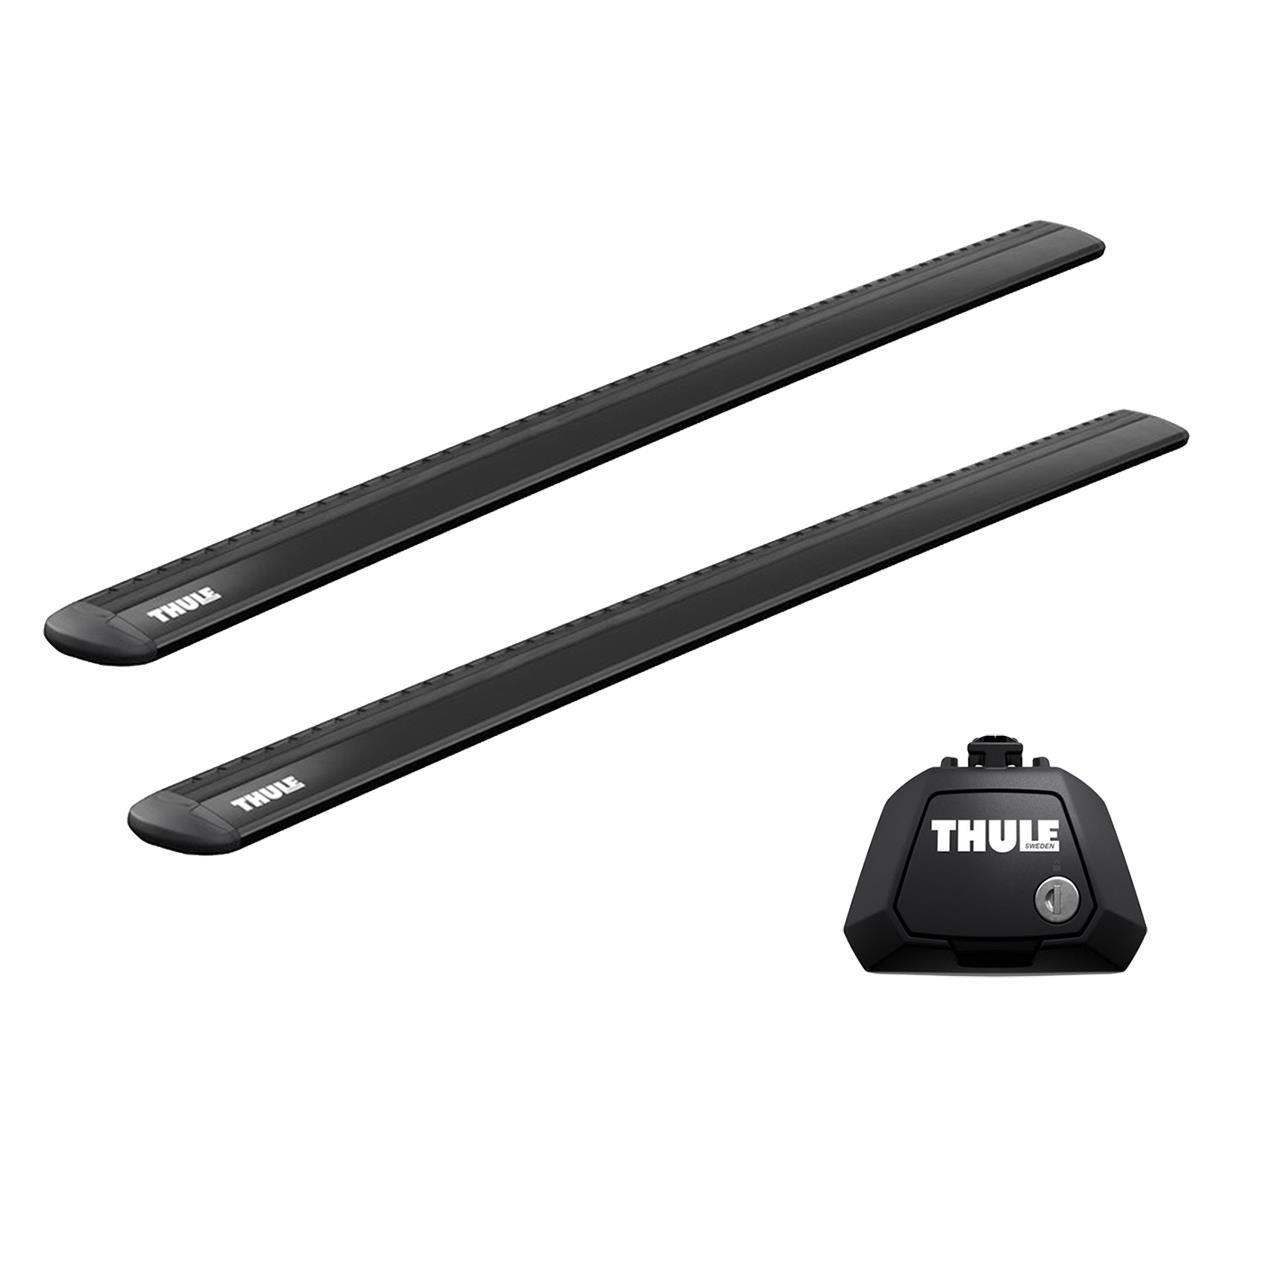 Напречни греди Thule Evo Raised Rail WingBar Evo 127cm в Черно за FIAT Doblo Malibo 5 врати Van 00-09 с фабрични надлъжни греди с просвет 1